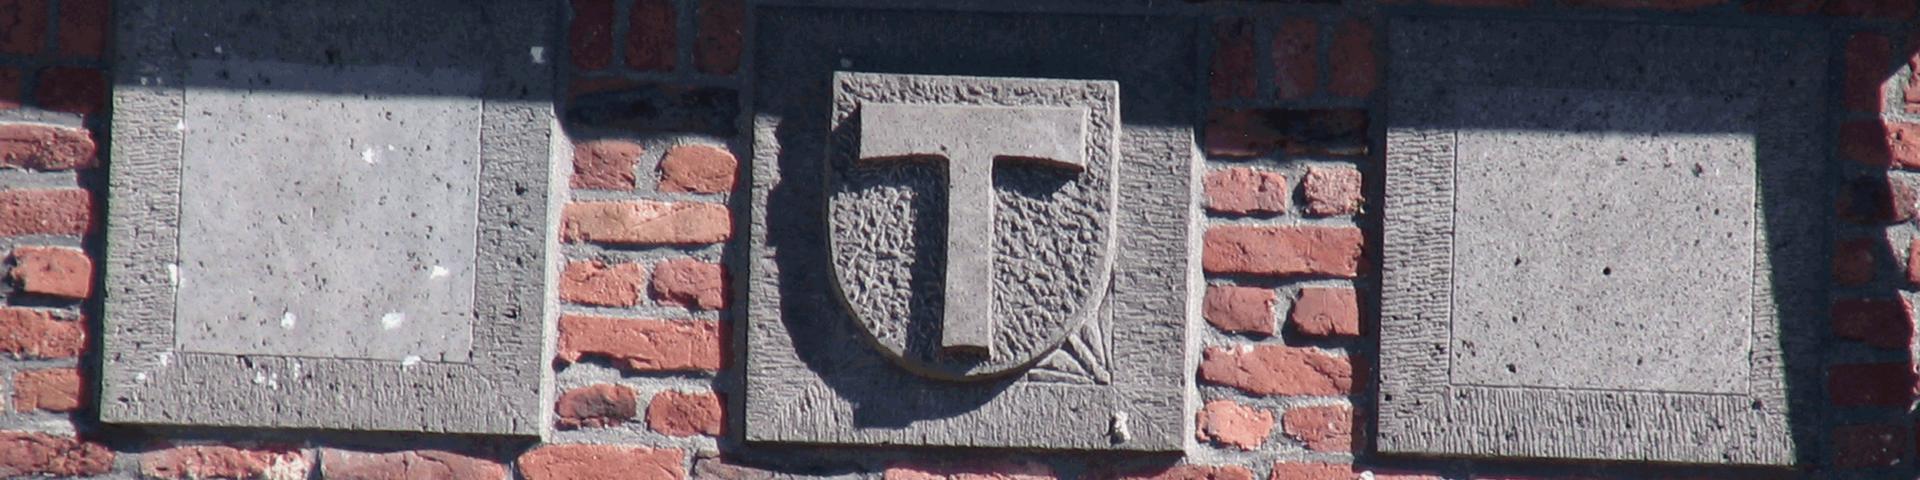 Steinernes Gemeindewappen der Gemeinde Sankt Tönis